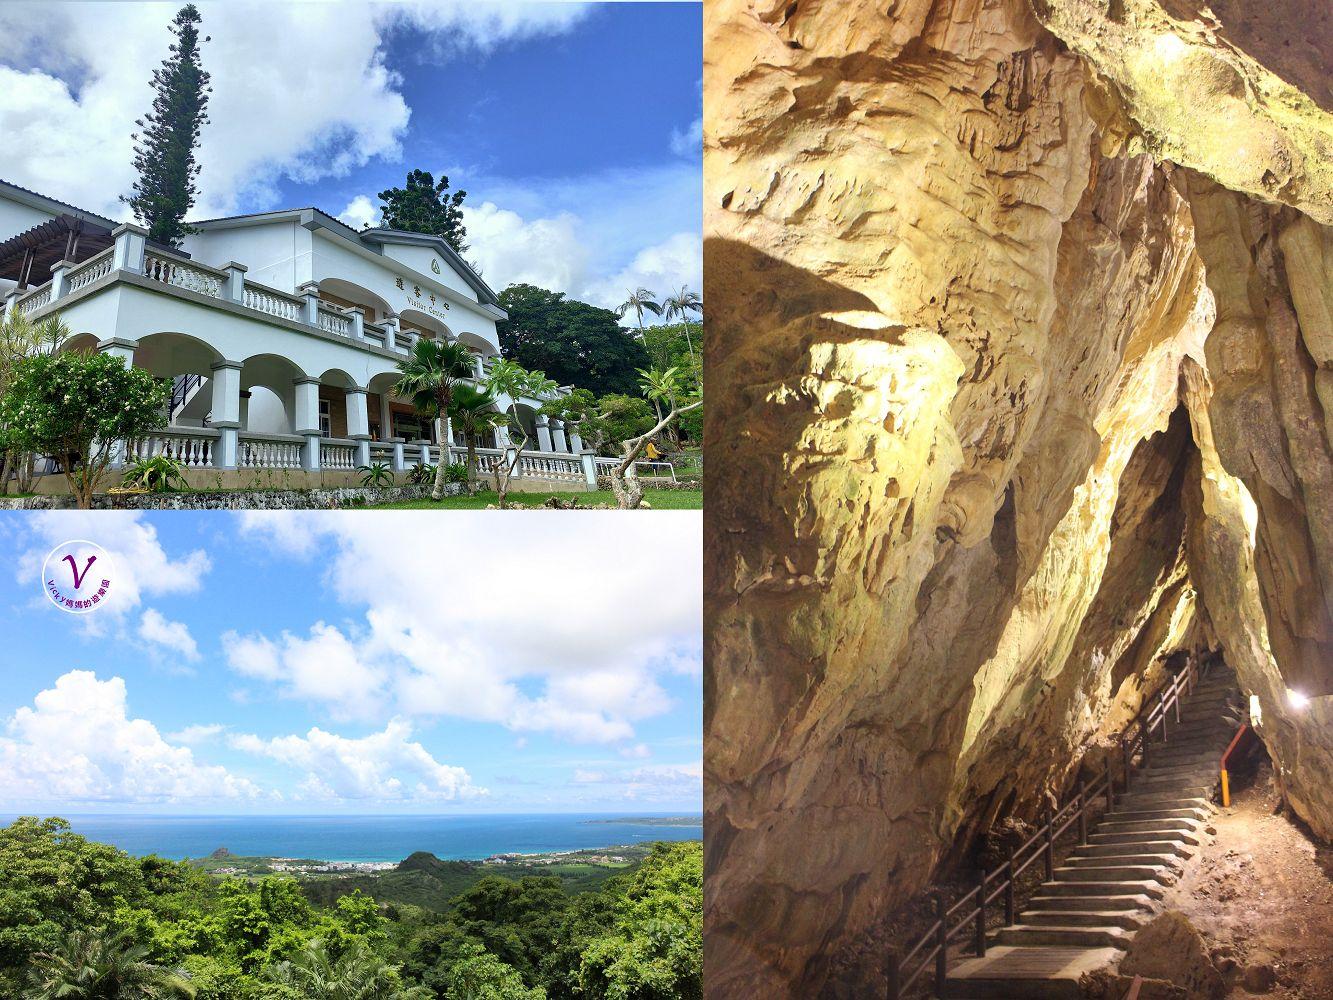 墾丁景點︱墾丁國家森林遊樂區:登高望遠賞海景、鐘乳石洞探究竟、珊瑚礁岩找神奇